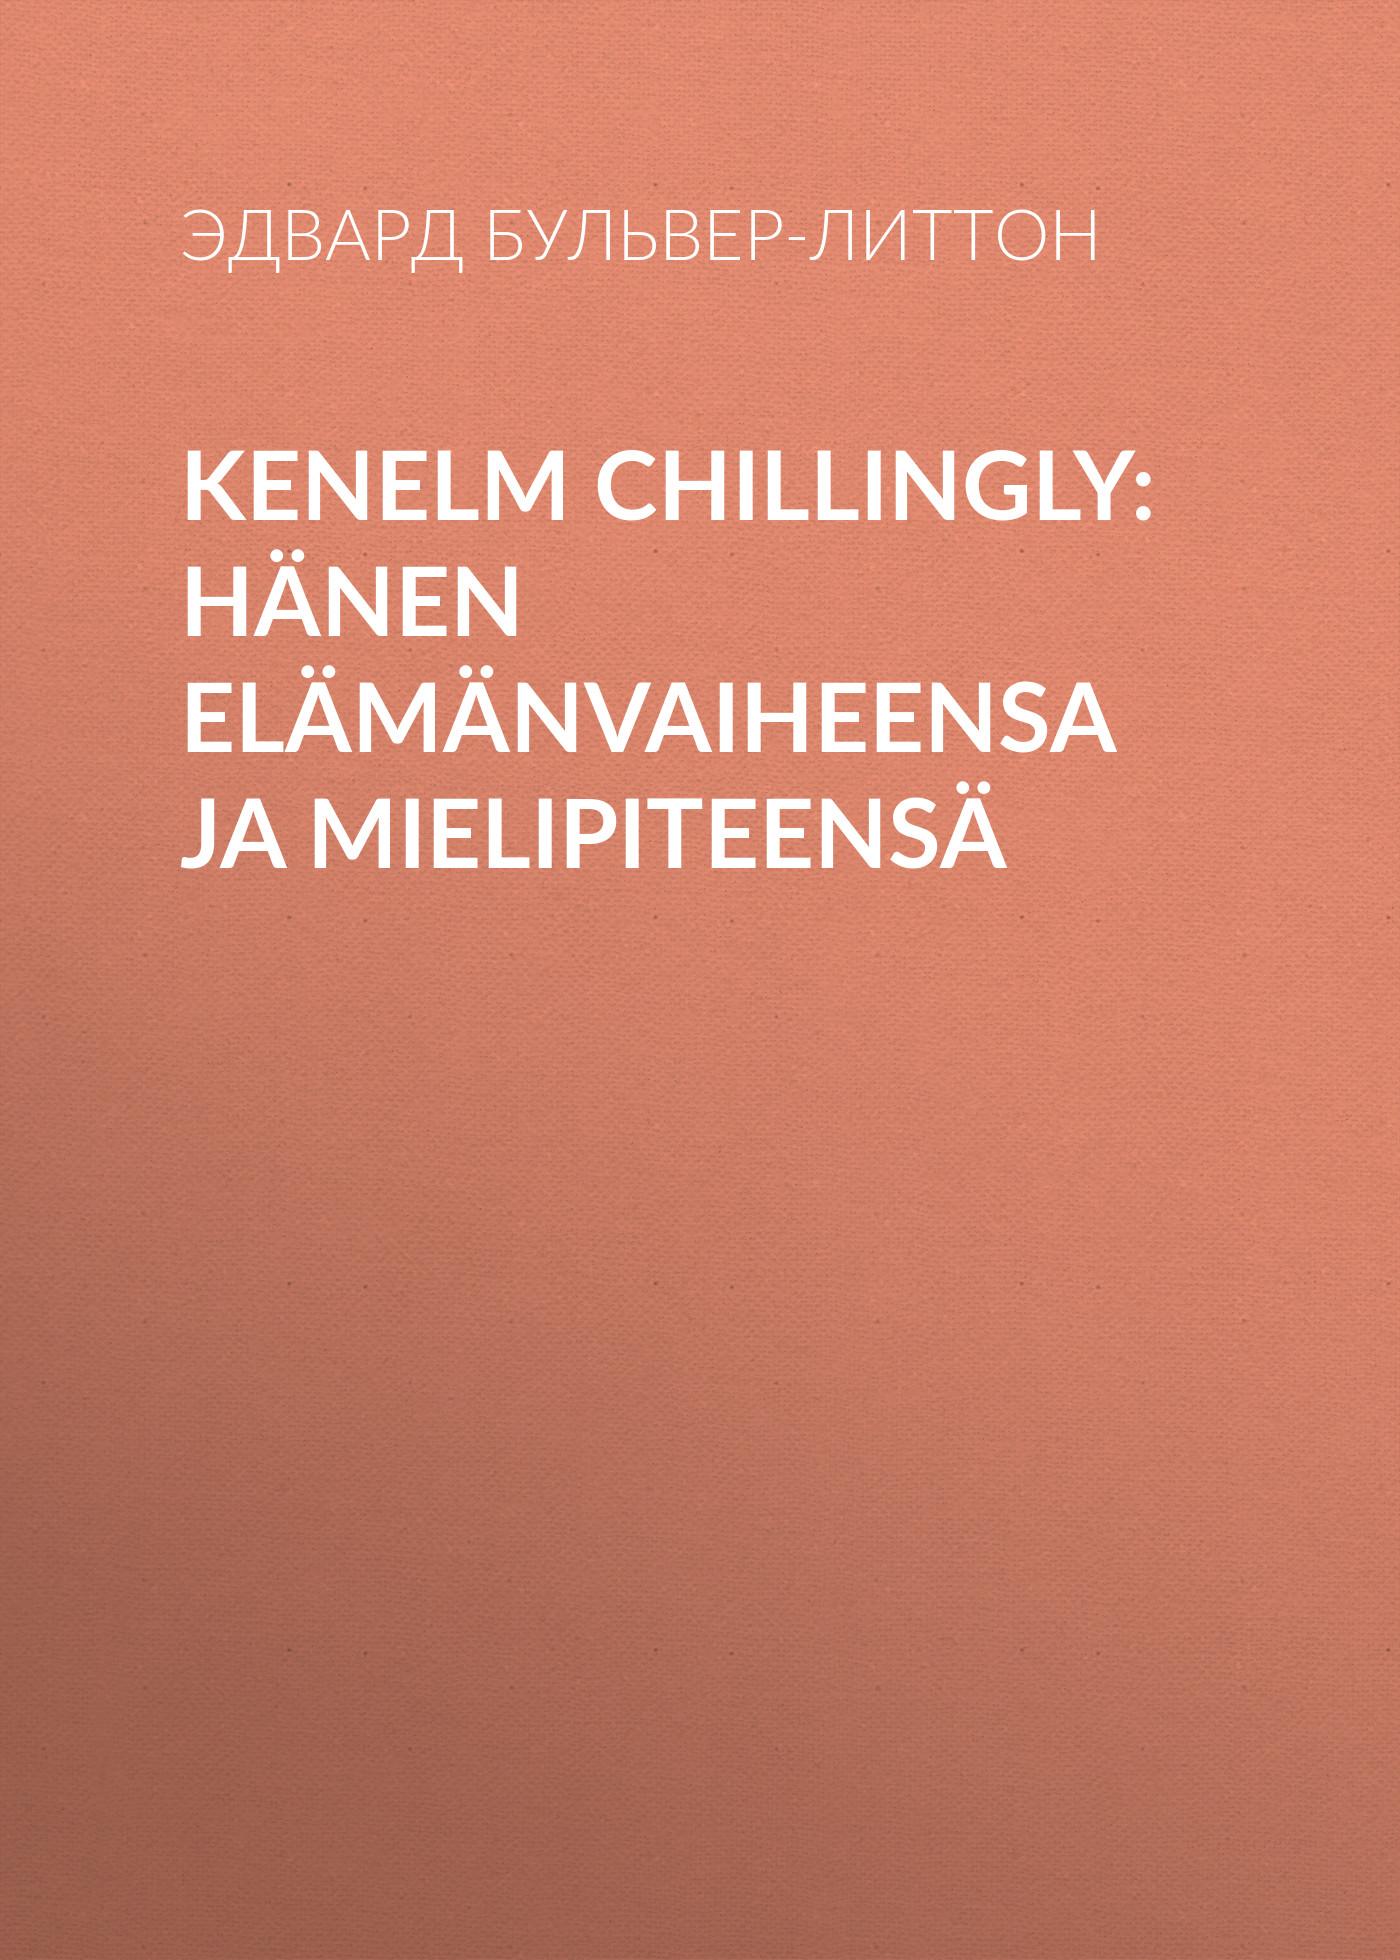 Kenelm Chillingly: Hänen elämänvaiheensa ja mielipiteensä ( Эдвард Бульвер-Литтон  )